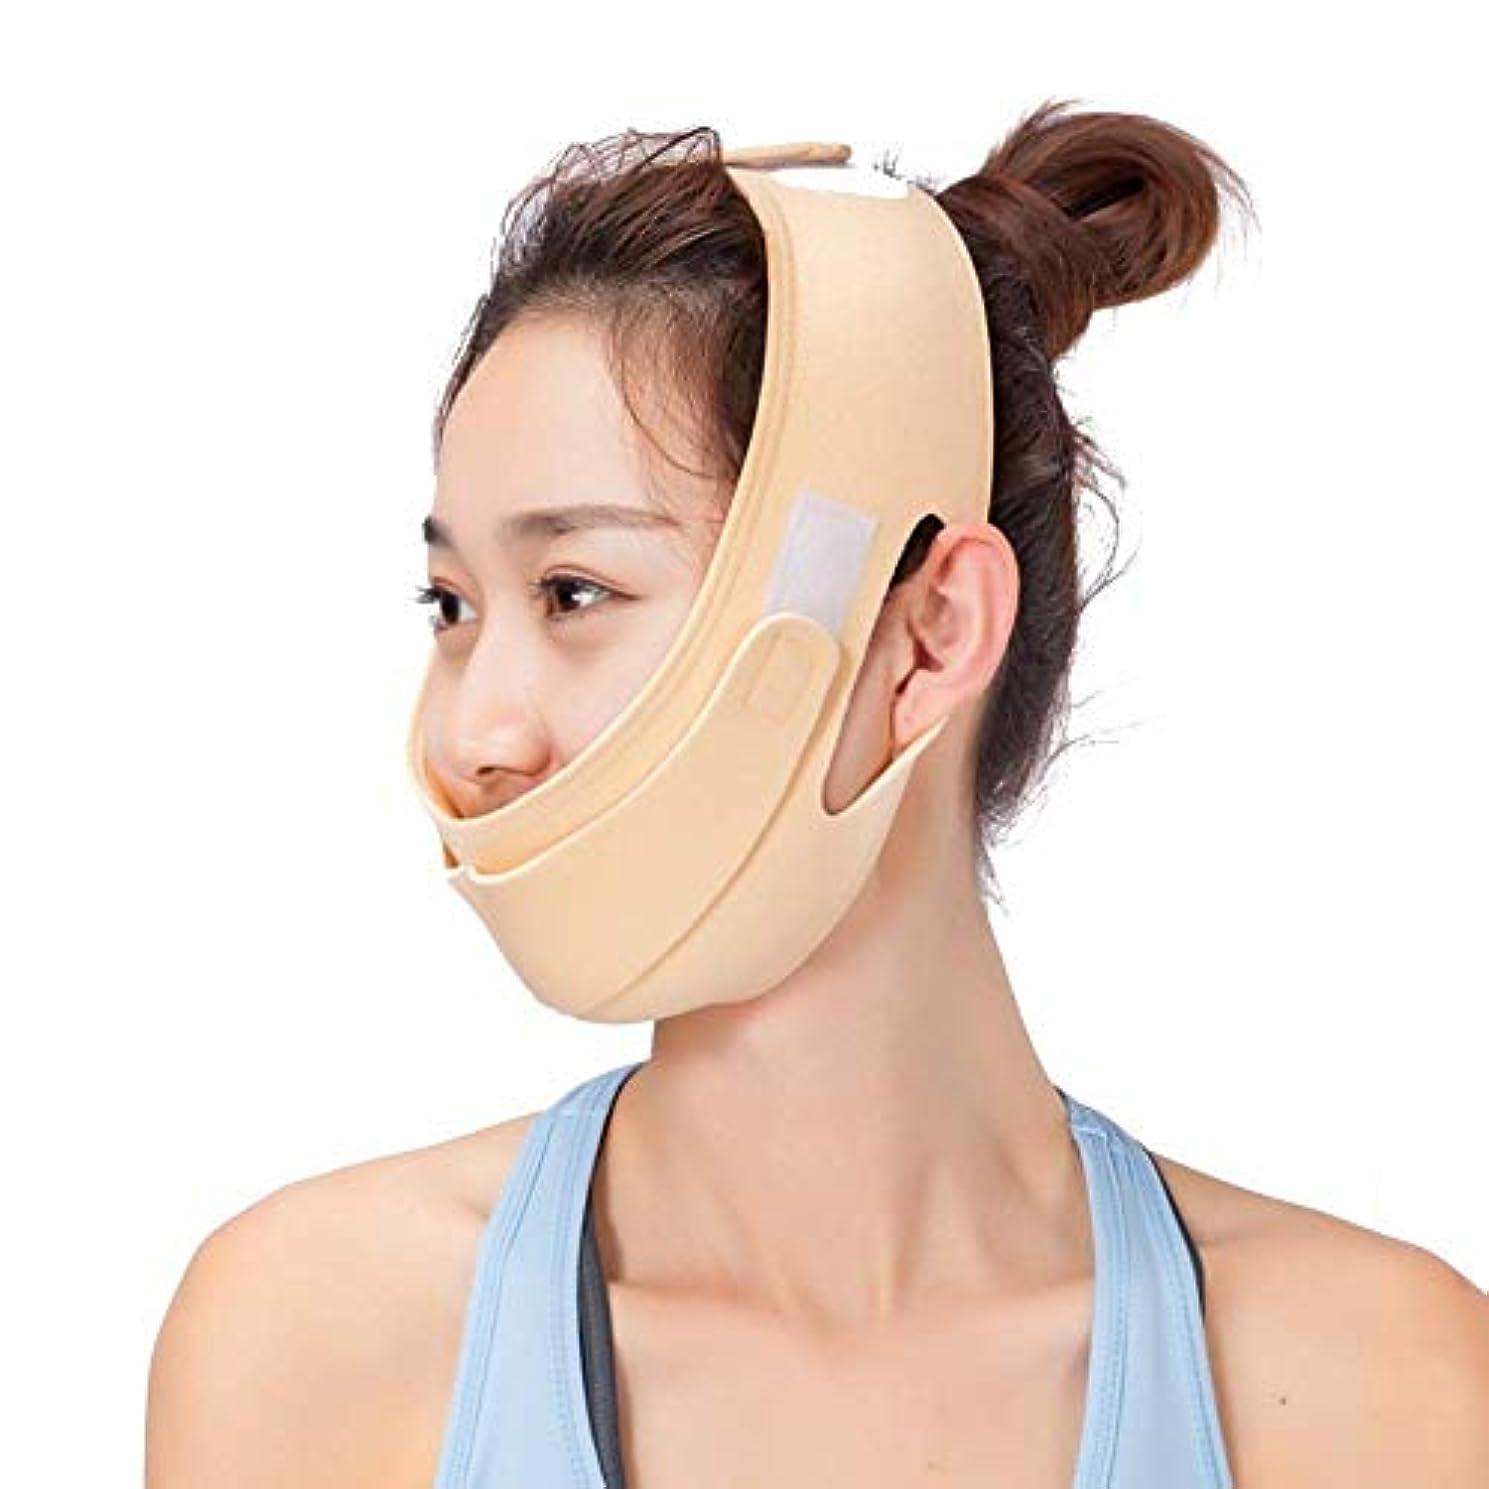 誇りブレンド開業医WSJTT Vフェイスライン包帯スリムチンリフティングフェイシャル?アンチチンストラップのサポートバンドネック包帯顔を引き締め顔の圧縮を持ち上げ